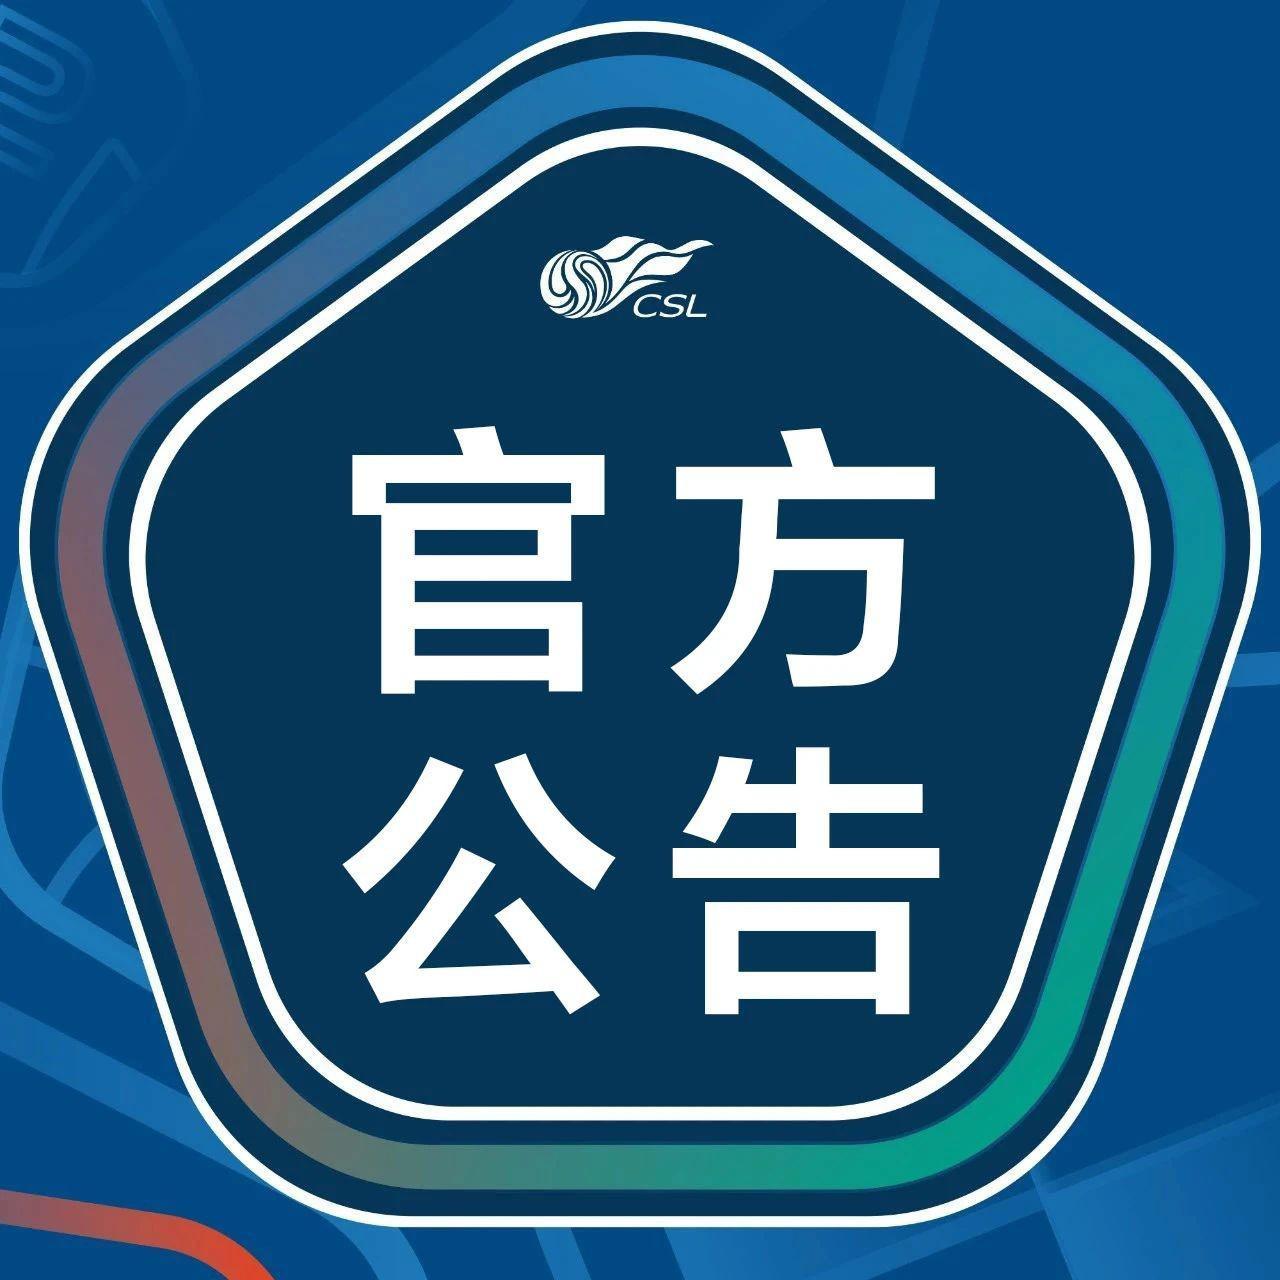 官方公告 | 2021中国平安中超联赛第5轮部分比赛裁判选派结果公布